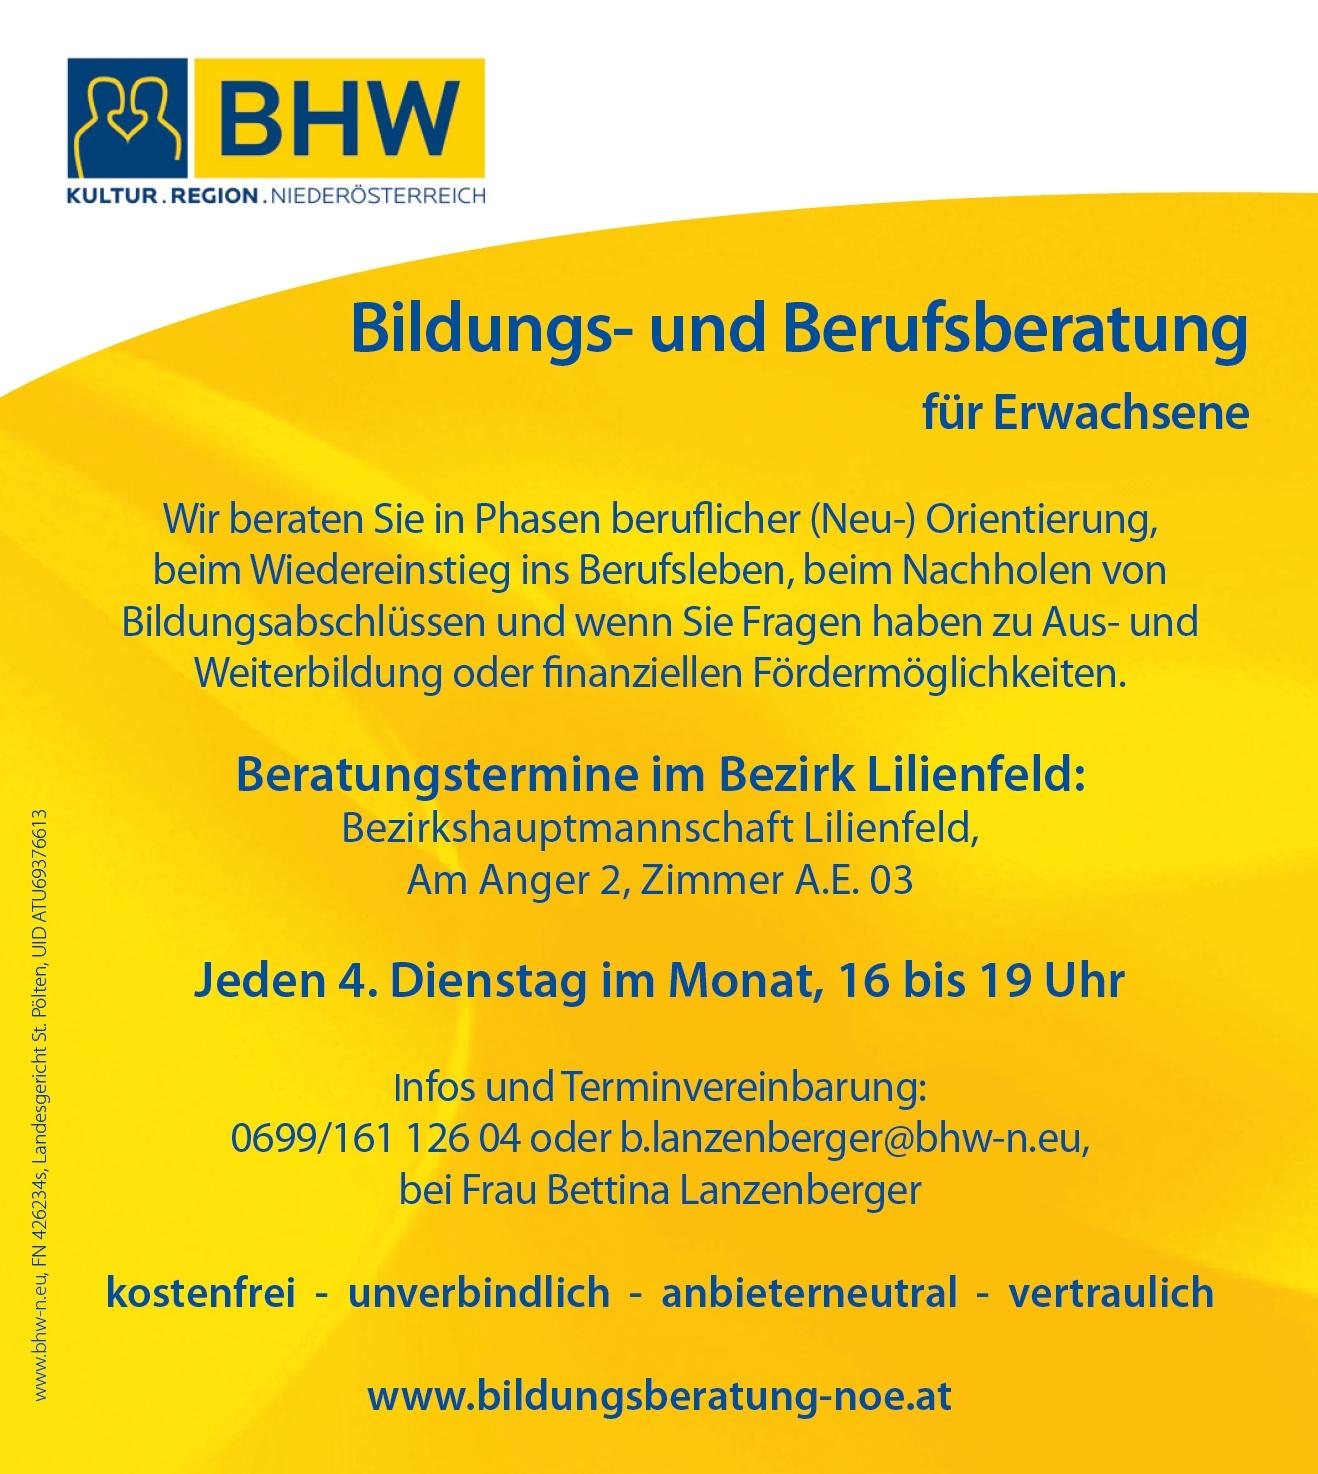 BHW_Berufsberatung